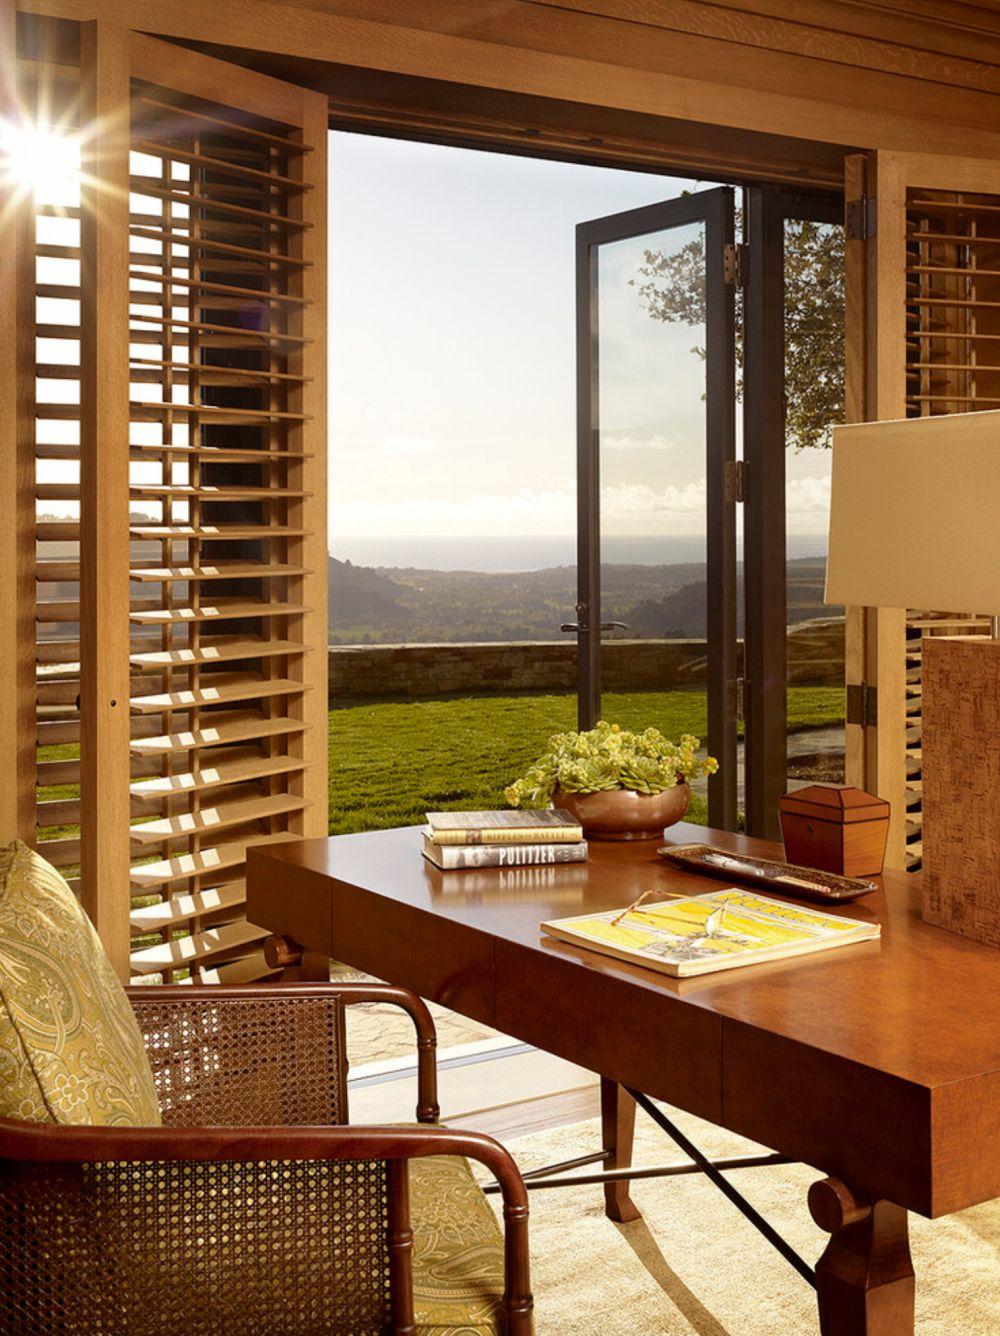 Spațiul dedicat biroului beneficiază de ferestre generoase, deci lumină din plin. Obloanele sunt aici cu rol de protecție, dar devin și elemente decorative în acrod de textură și culoare cu mobilierul.